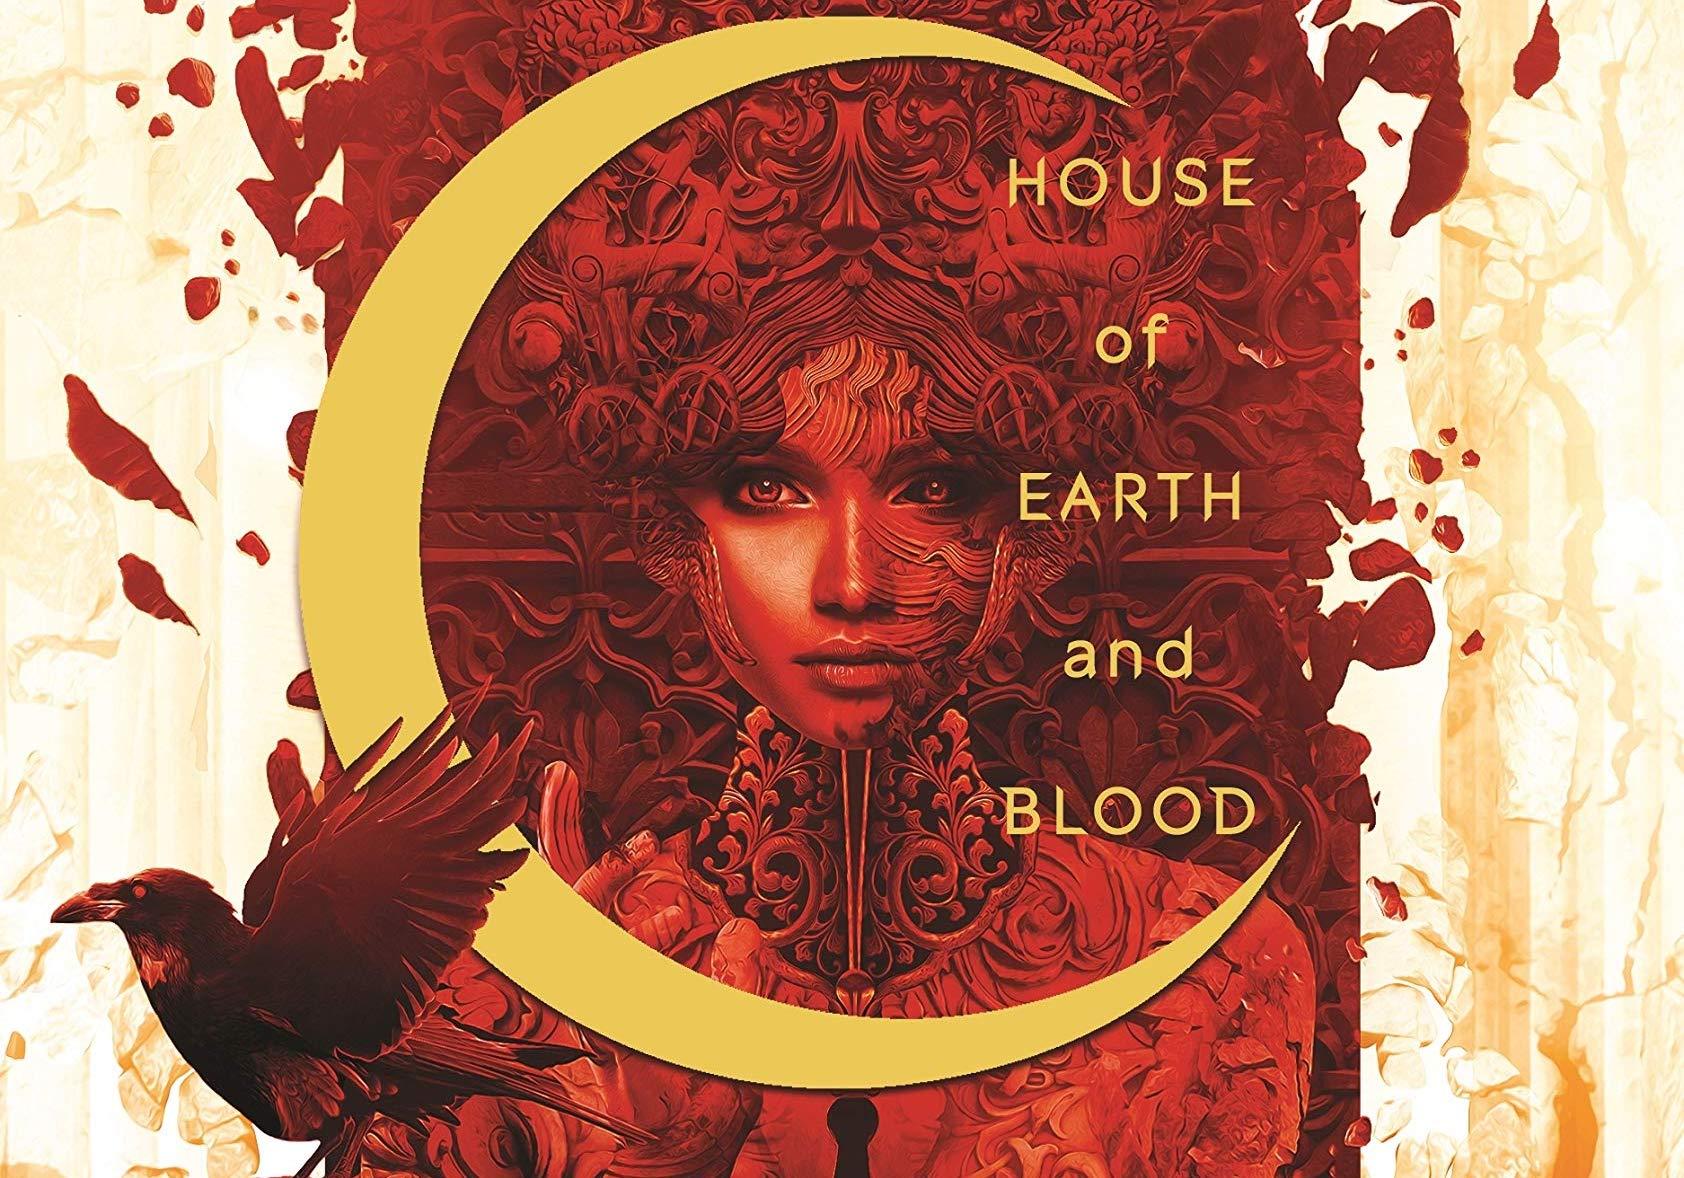 Föld és vér háza